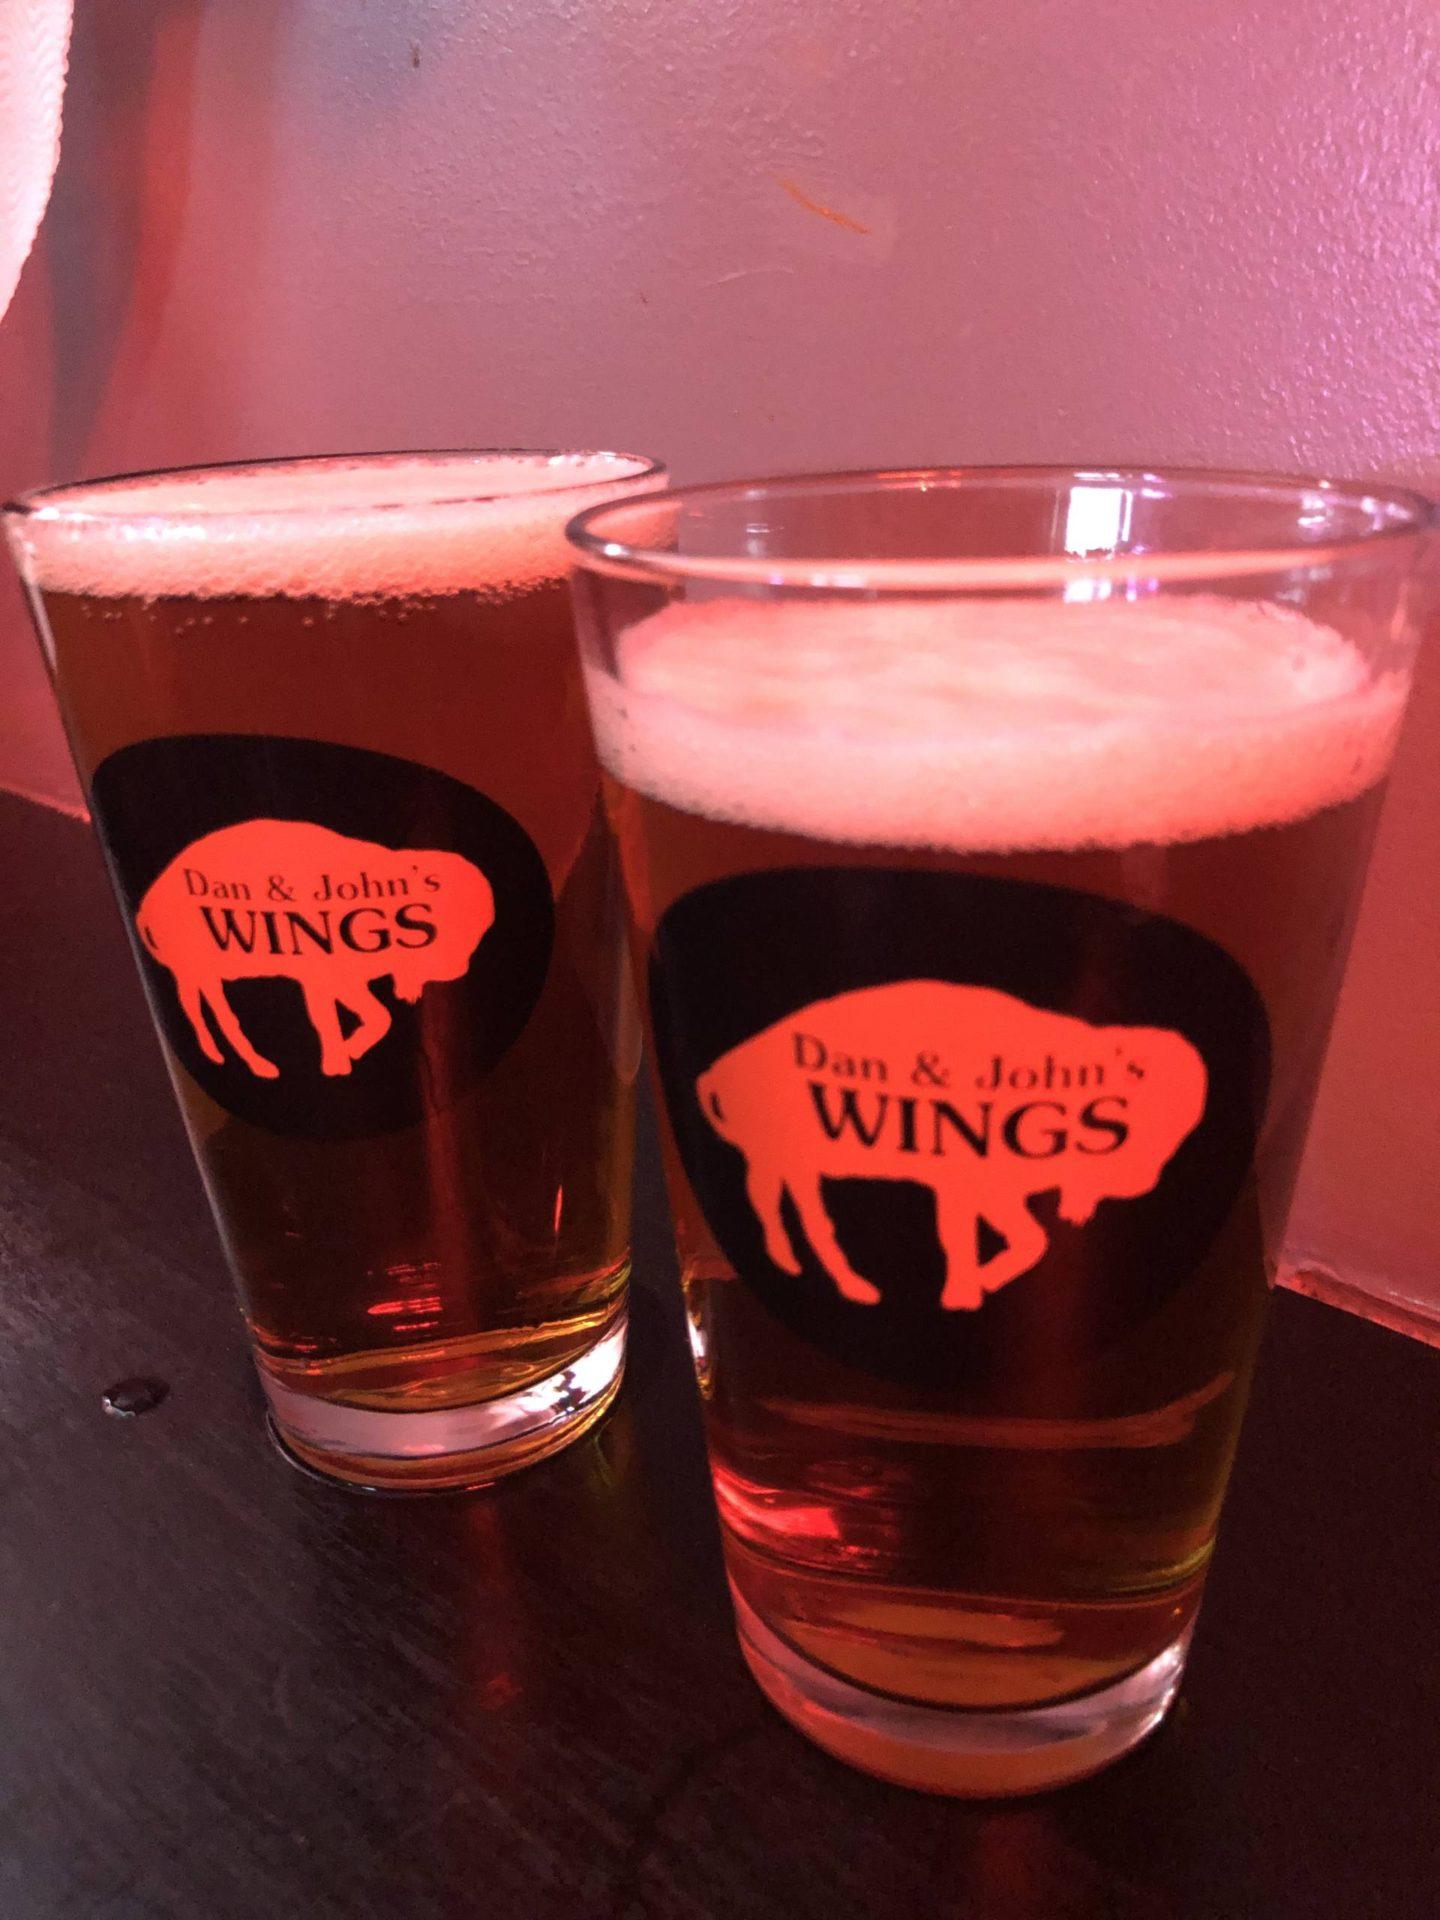 Dan & Johns Wings beer